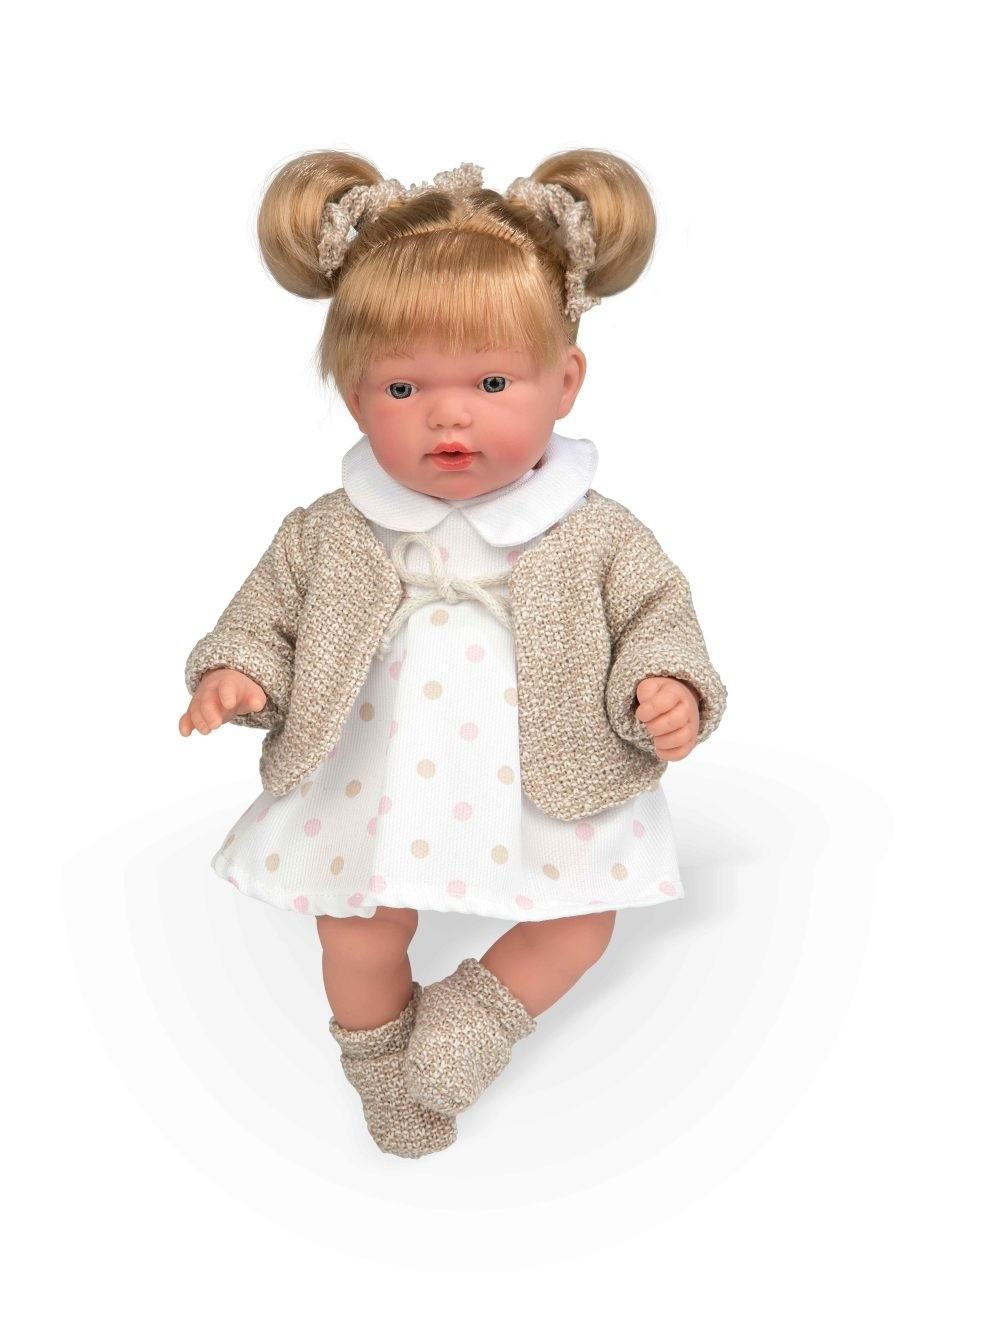 Интерактивная кукла из коллекции Elegance, 28 см, с мягким телом, хвостиками, соской, в платьице в крупный горошек, смеется